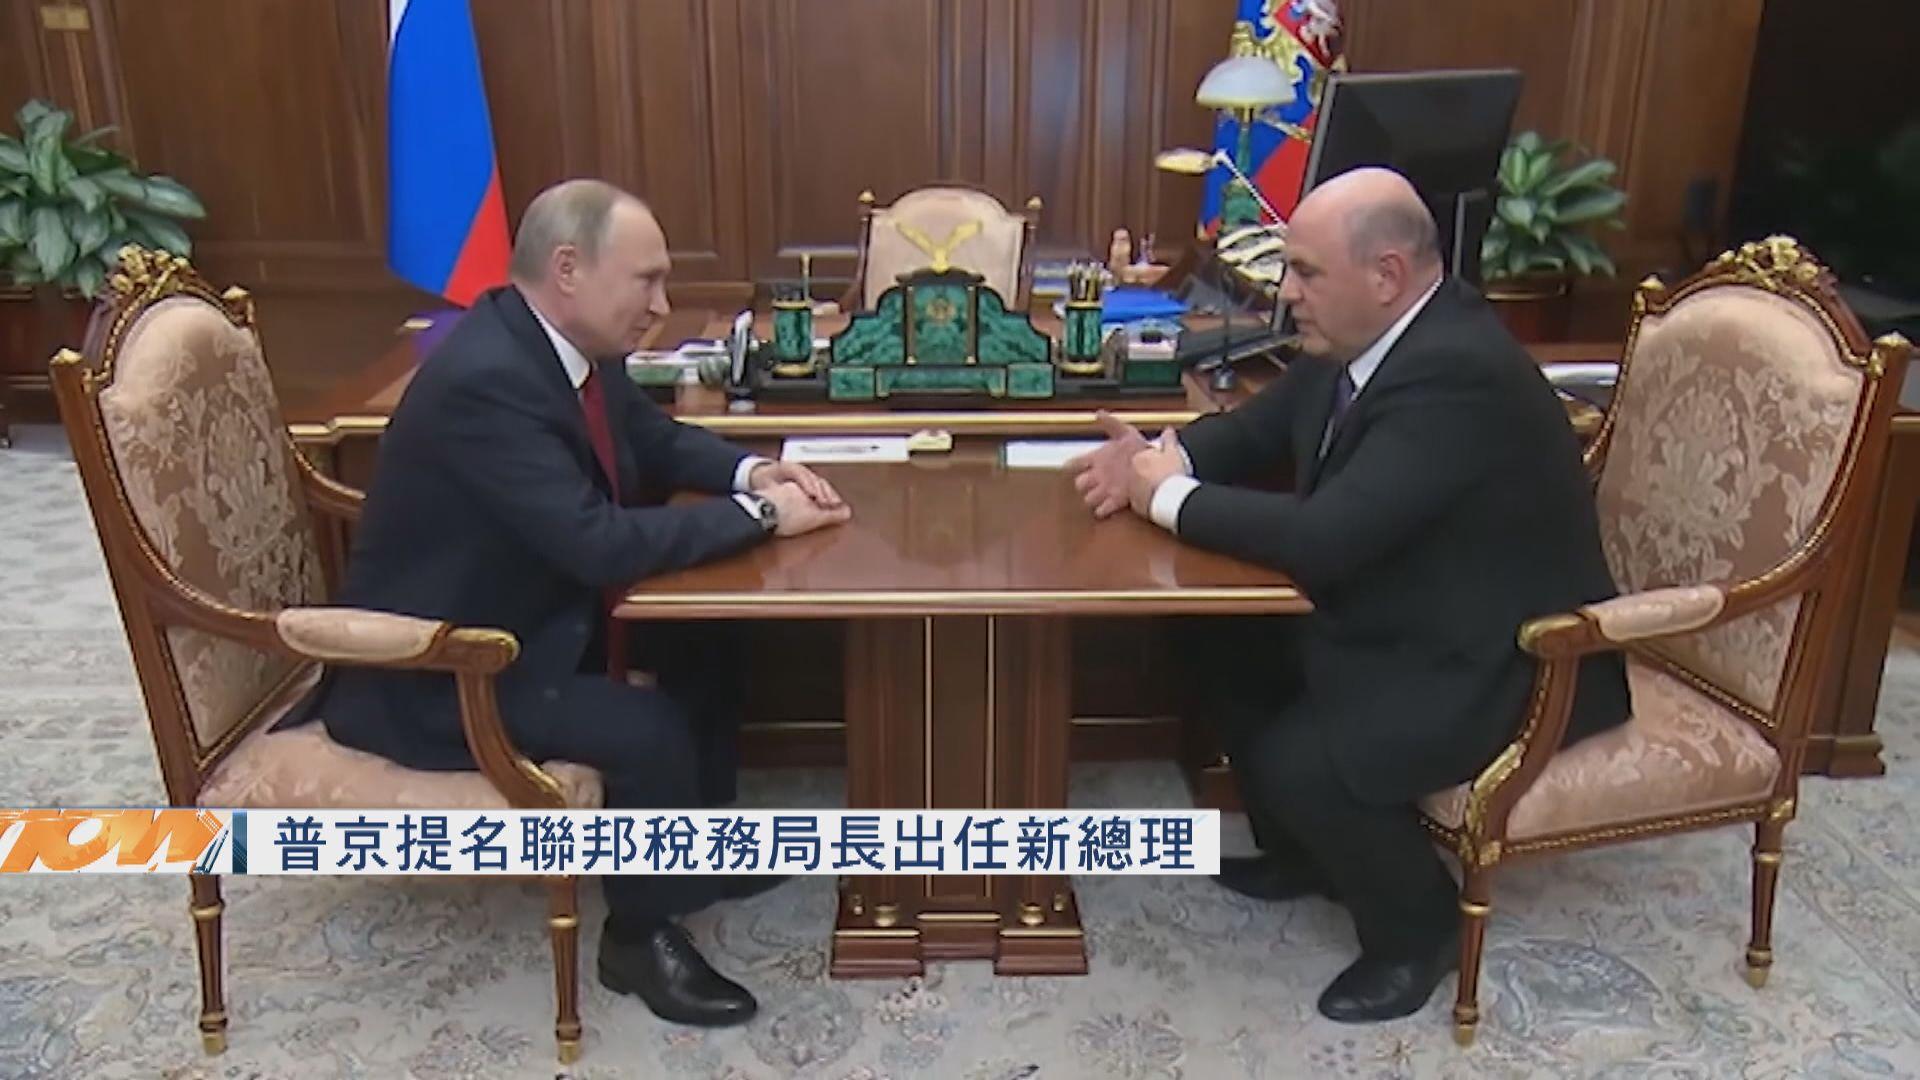 普京提名聯邦稅務局長出任新總理